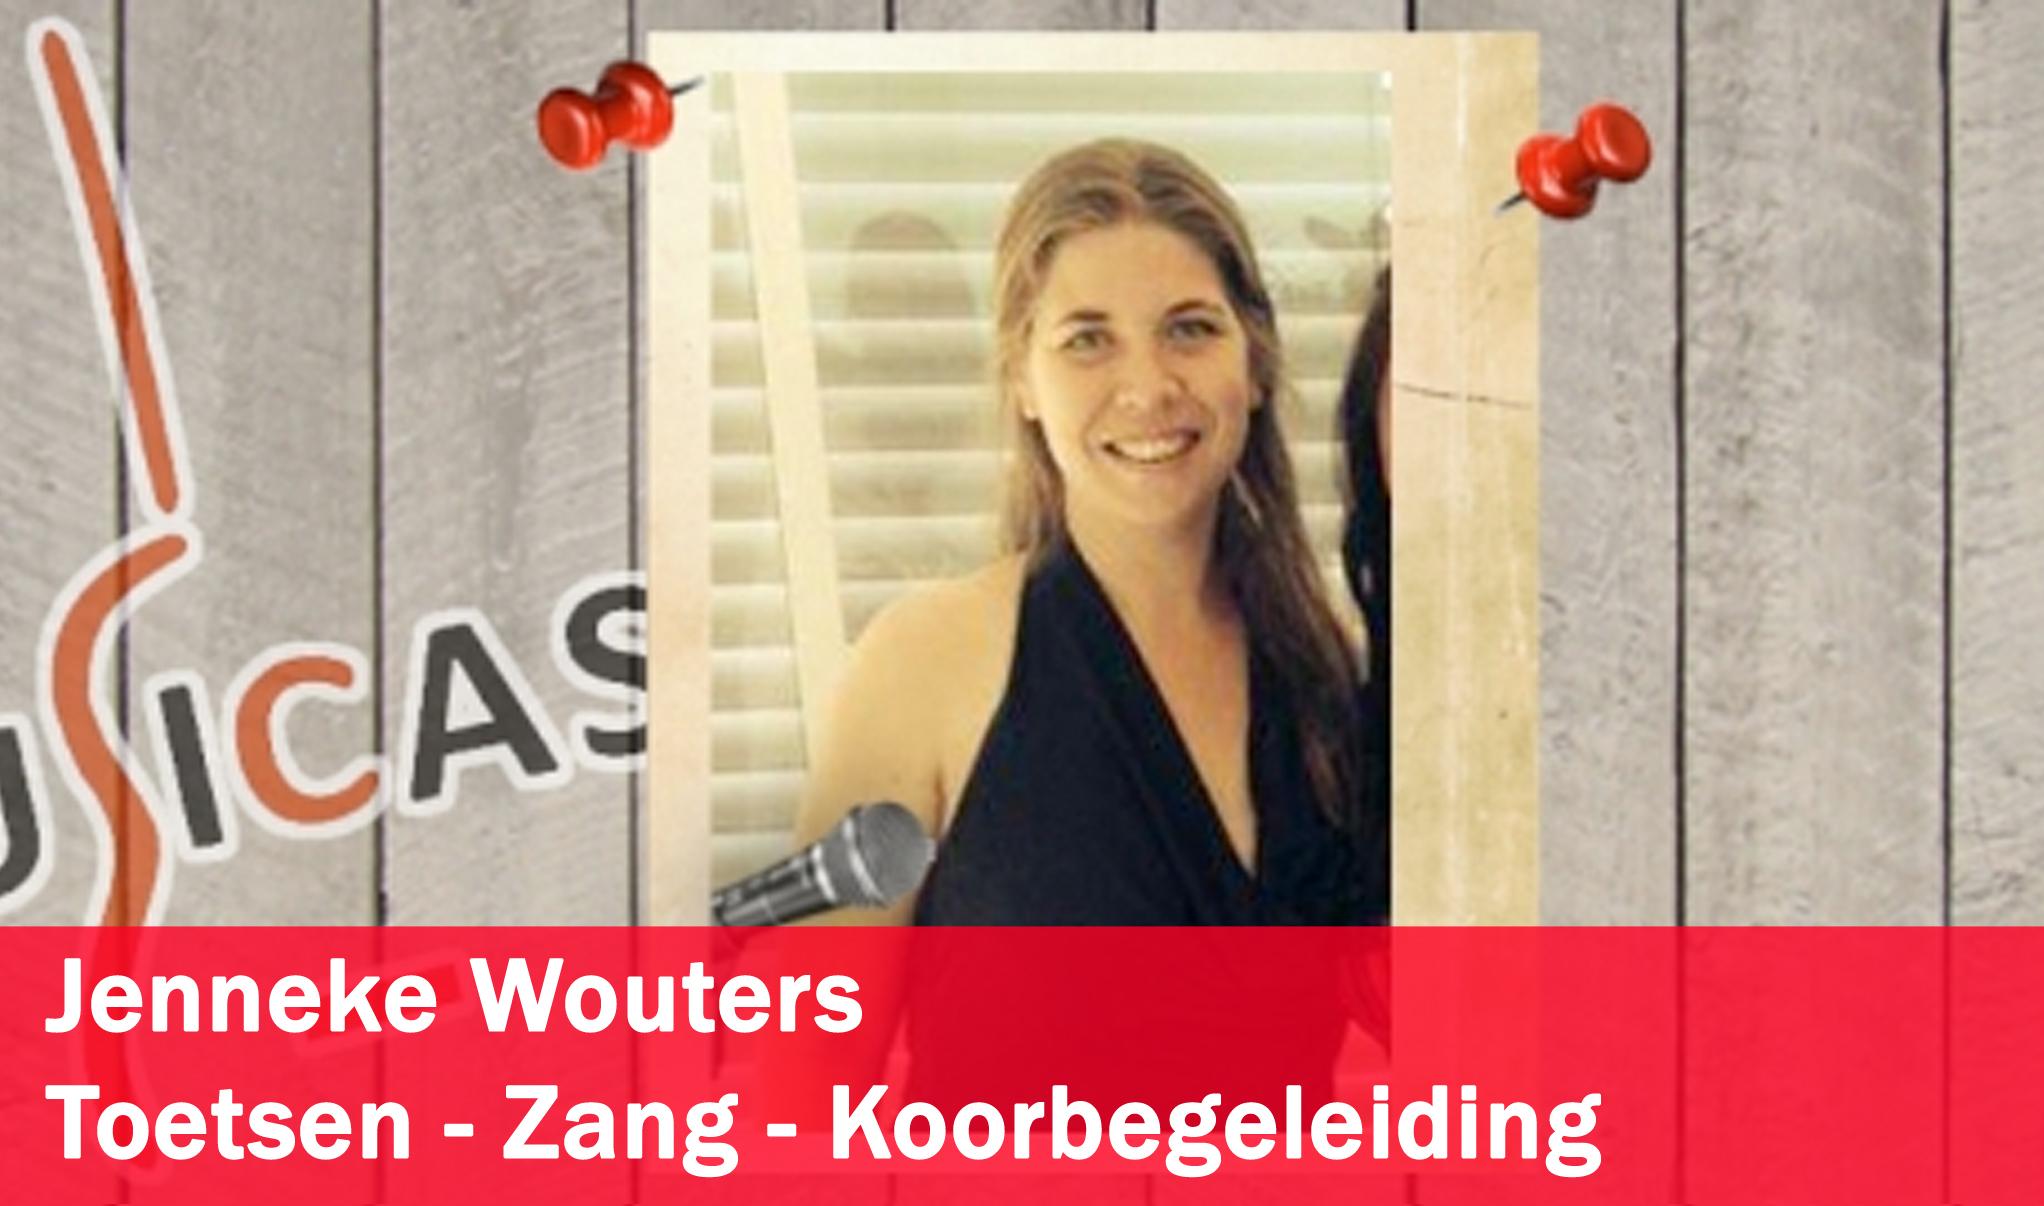 Jenneke Wouters <br>Toetsen - Zang - Koorbegeleiding